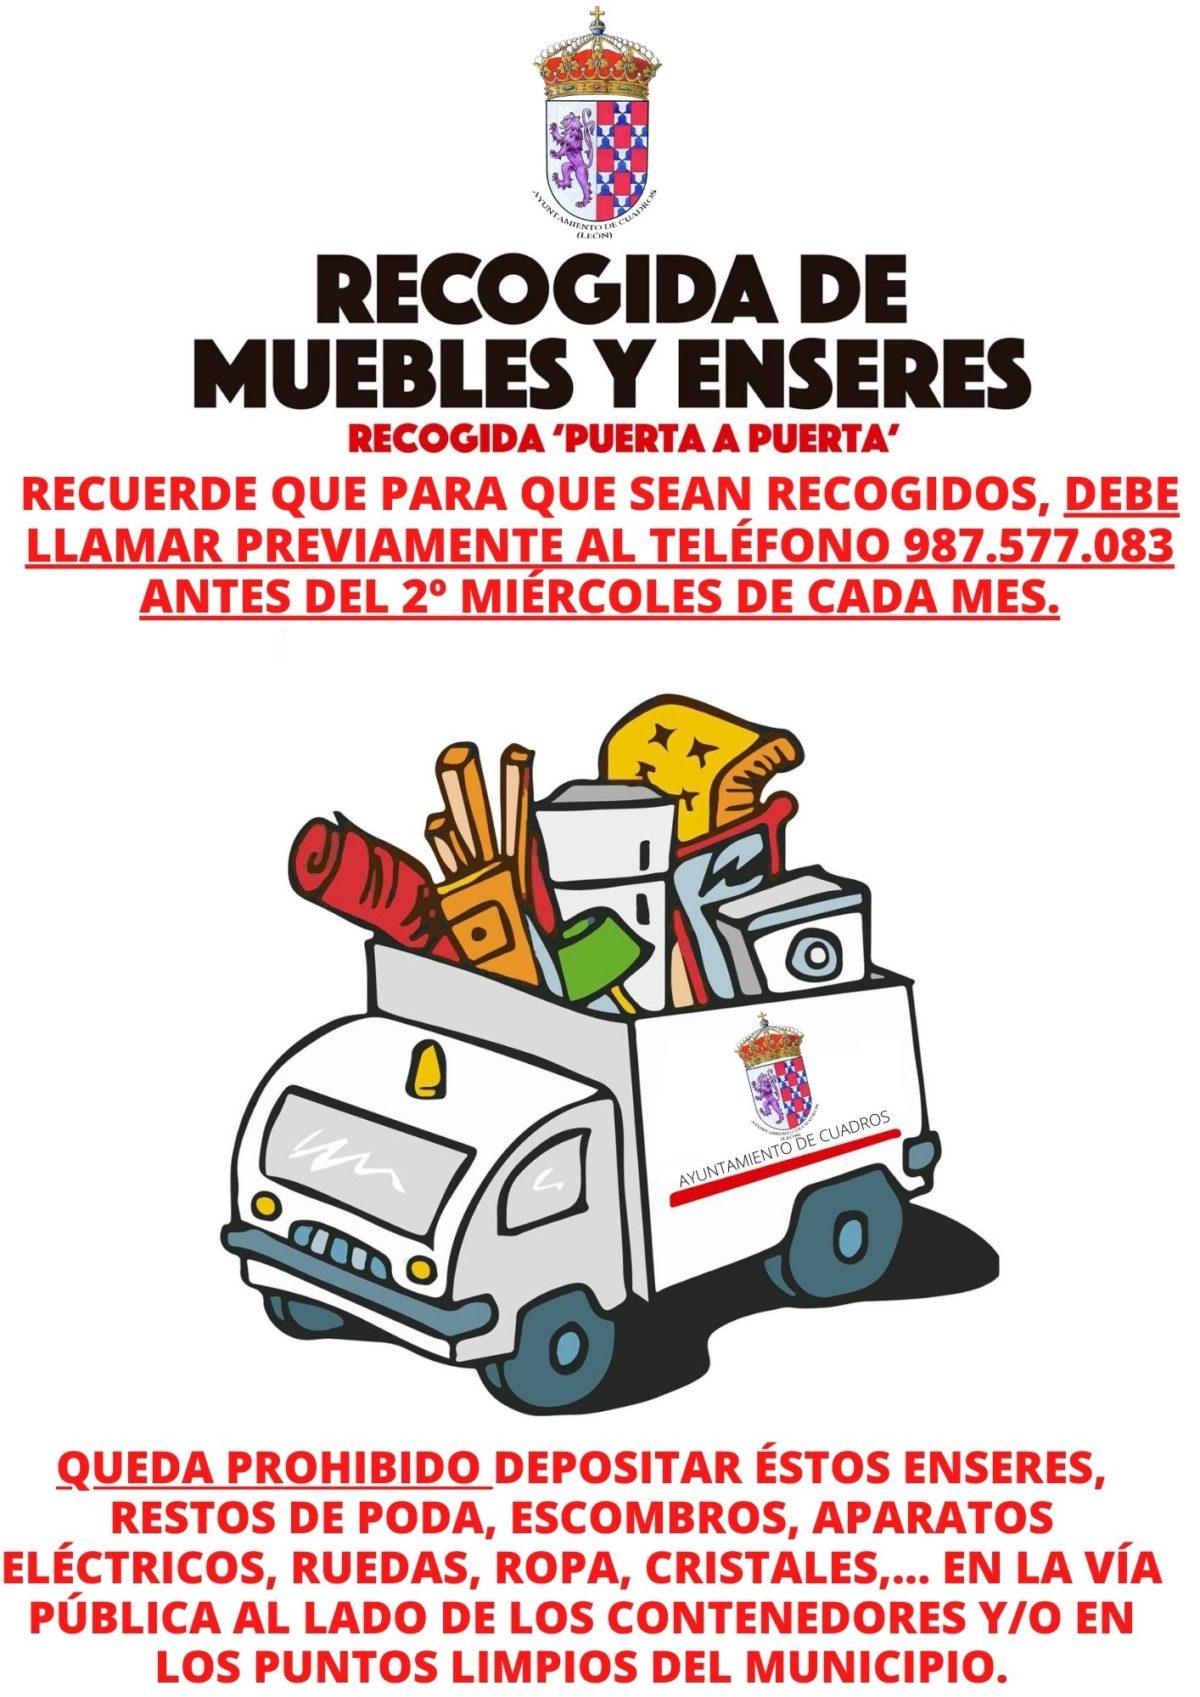 El Ayuntamiento de Cuadros ha querido recordar el servicio de recogida de muebles y enseres.